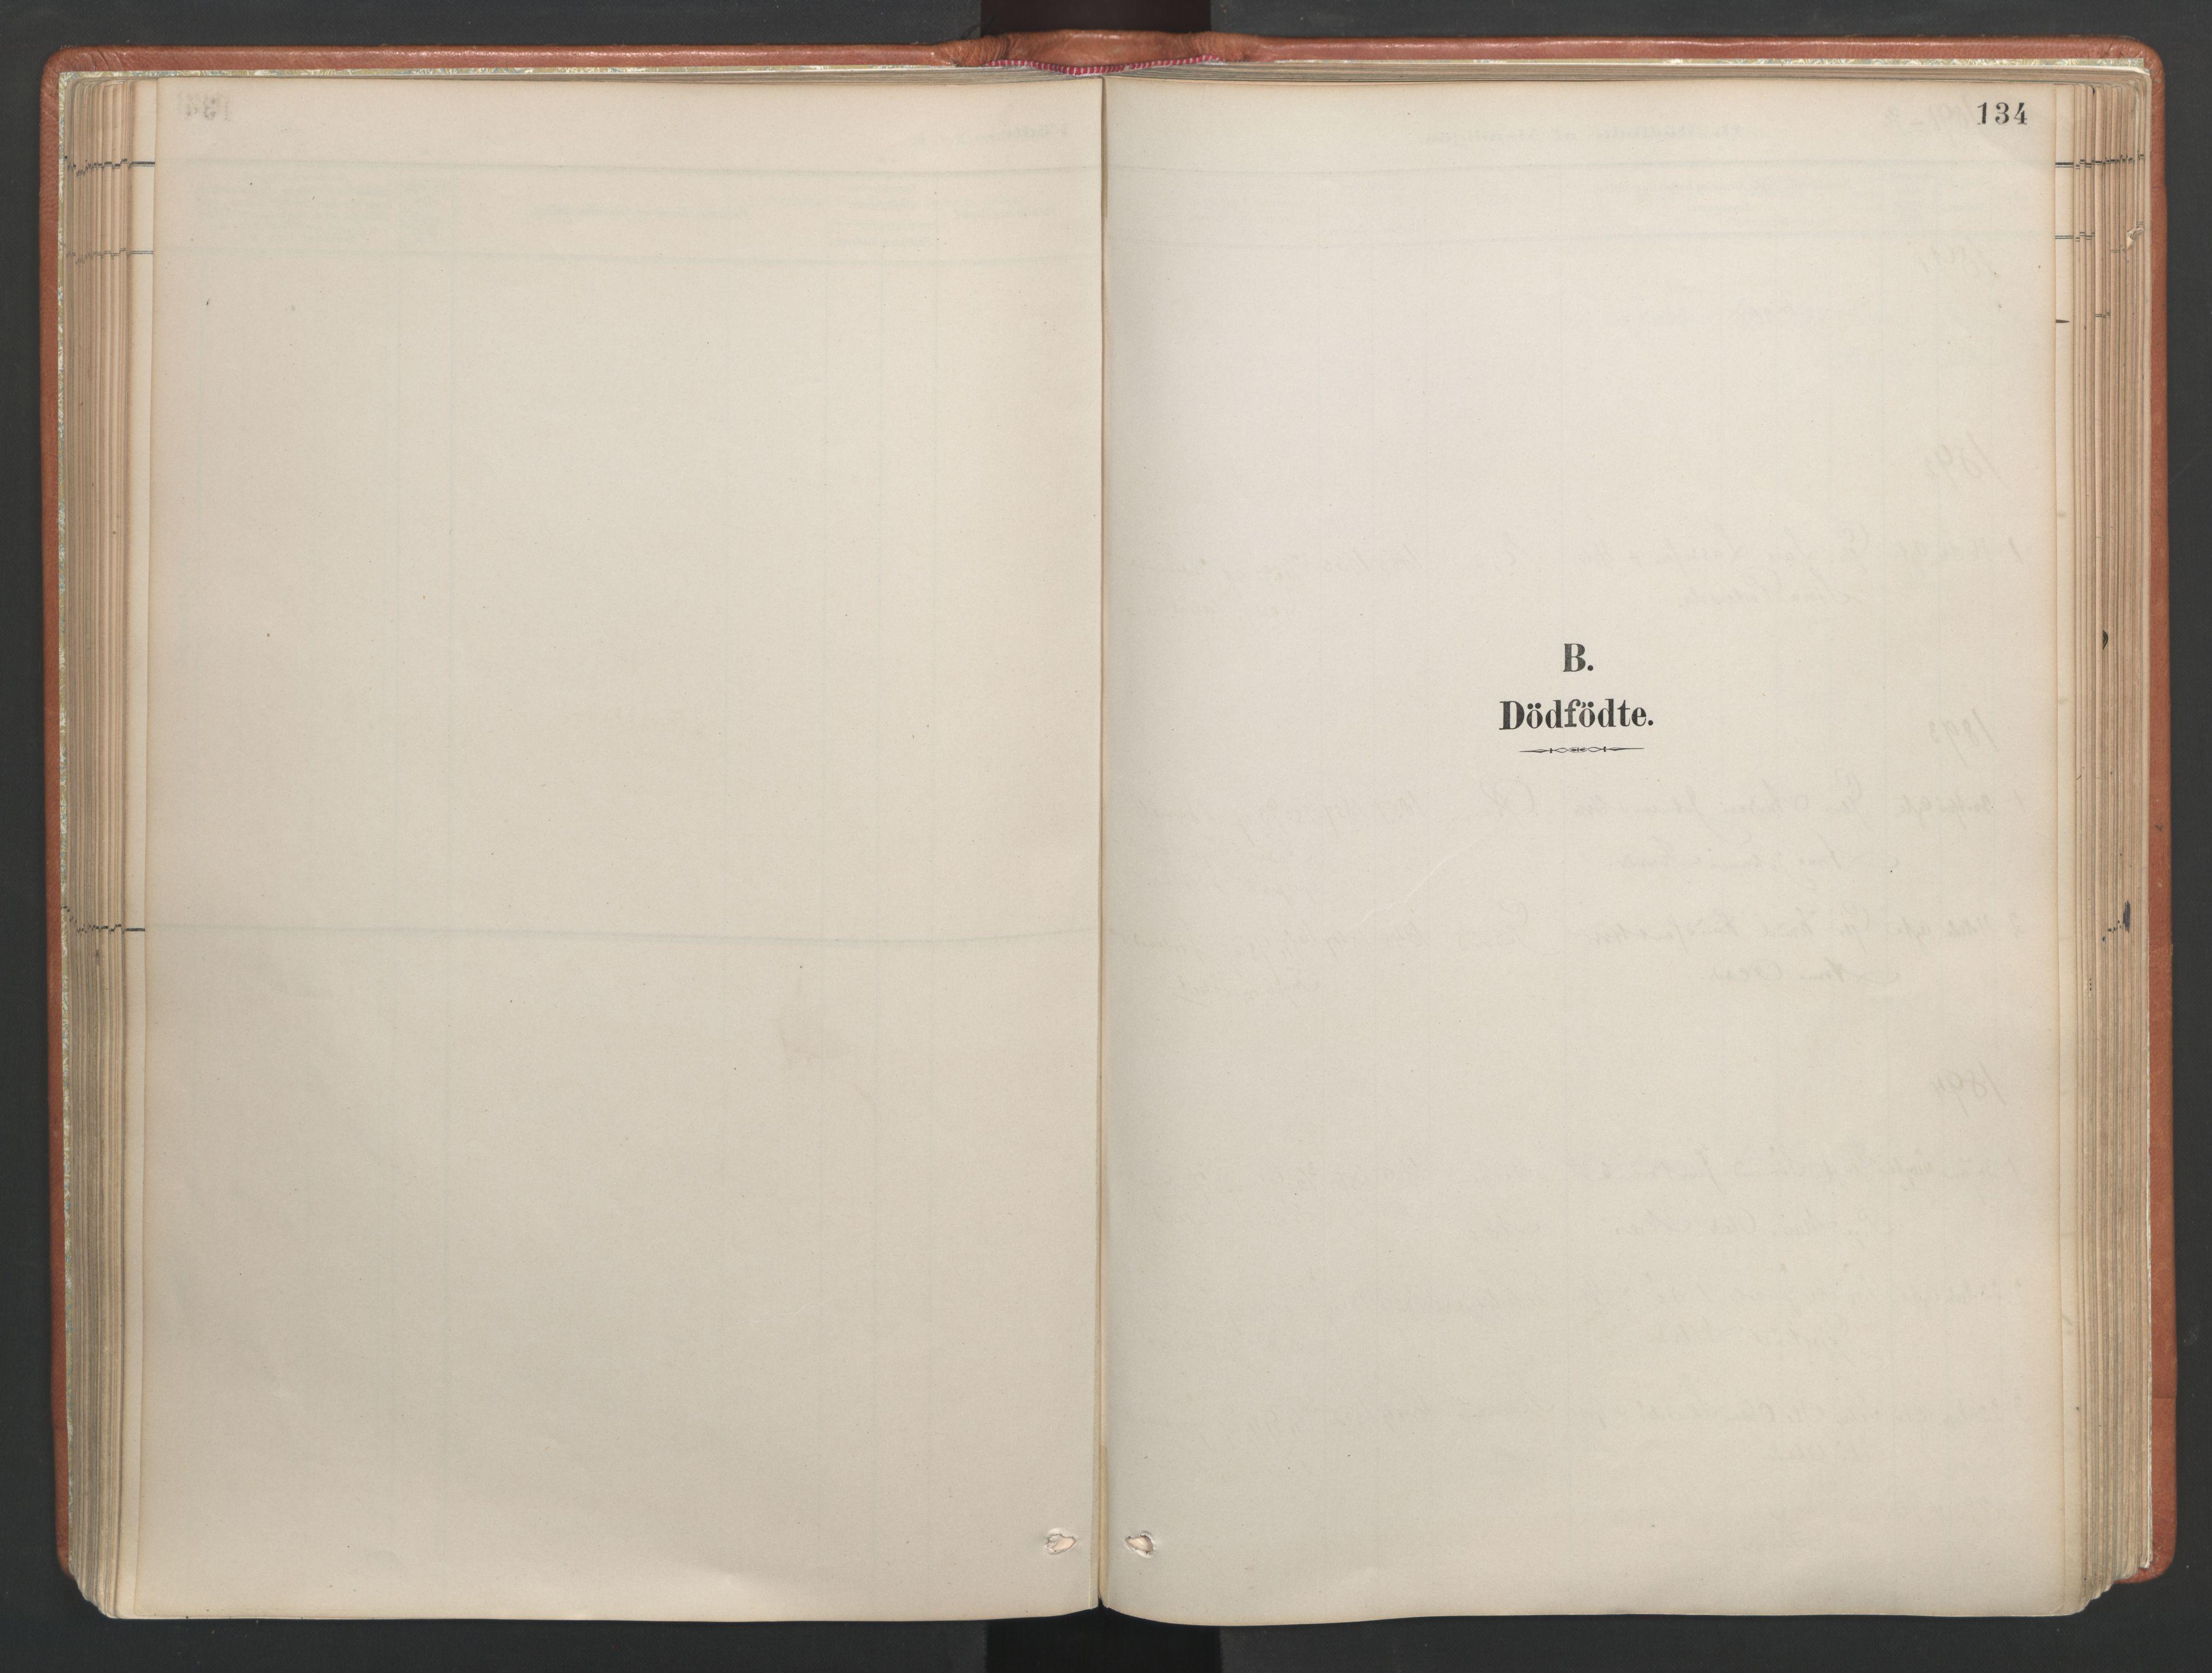 SAT, Ministerialprotokoller, klokkerbøker og fødselsregistre - Møre og Romsdal, 557/L0682: Parish register (official) no. 557A04, 1887-1970, p. 123